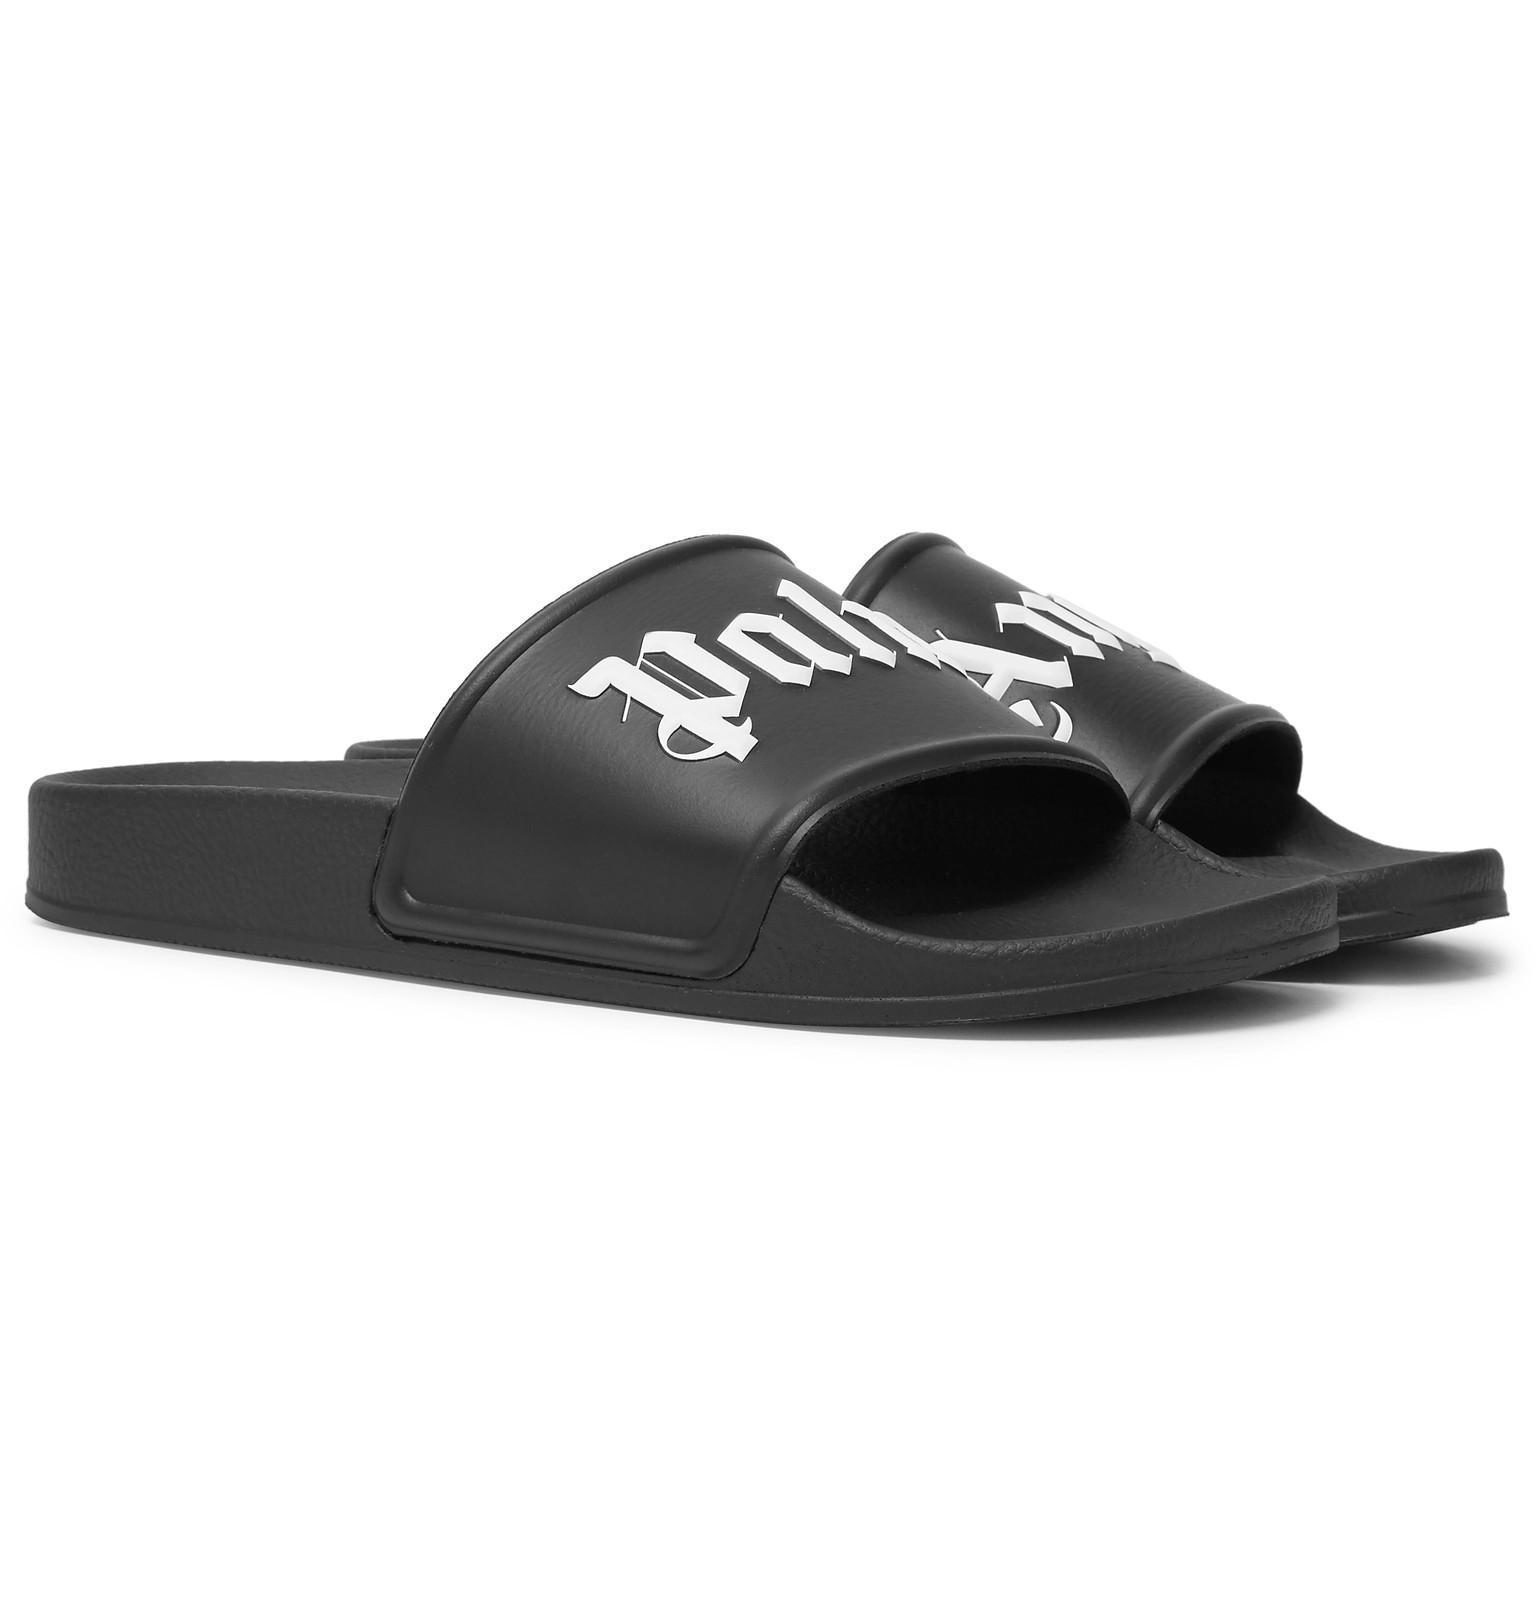 9c06bbfa38d2 Palm Angels Logo-print Rubber Slides in Black for Men - Save 5.0% - Lyst